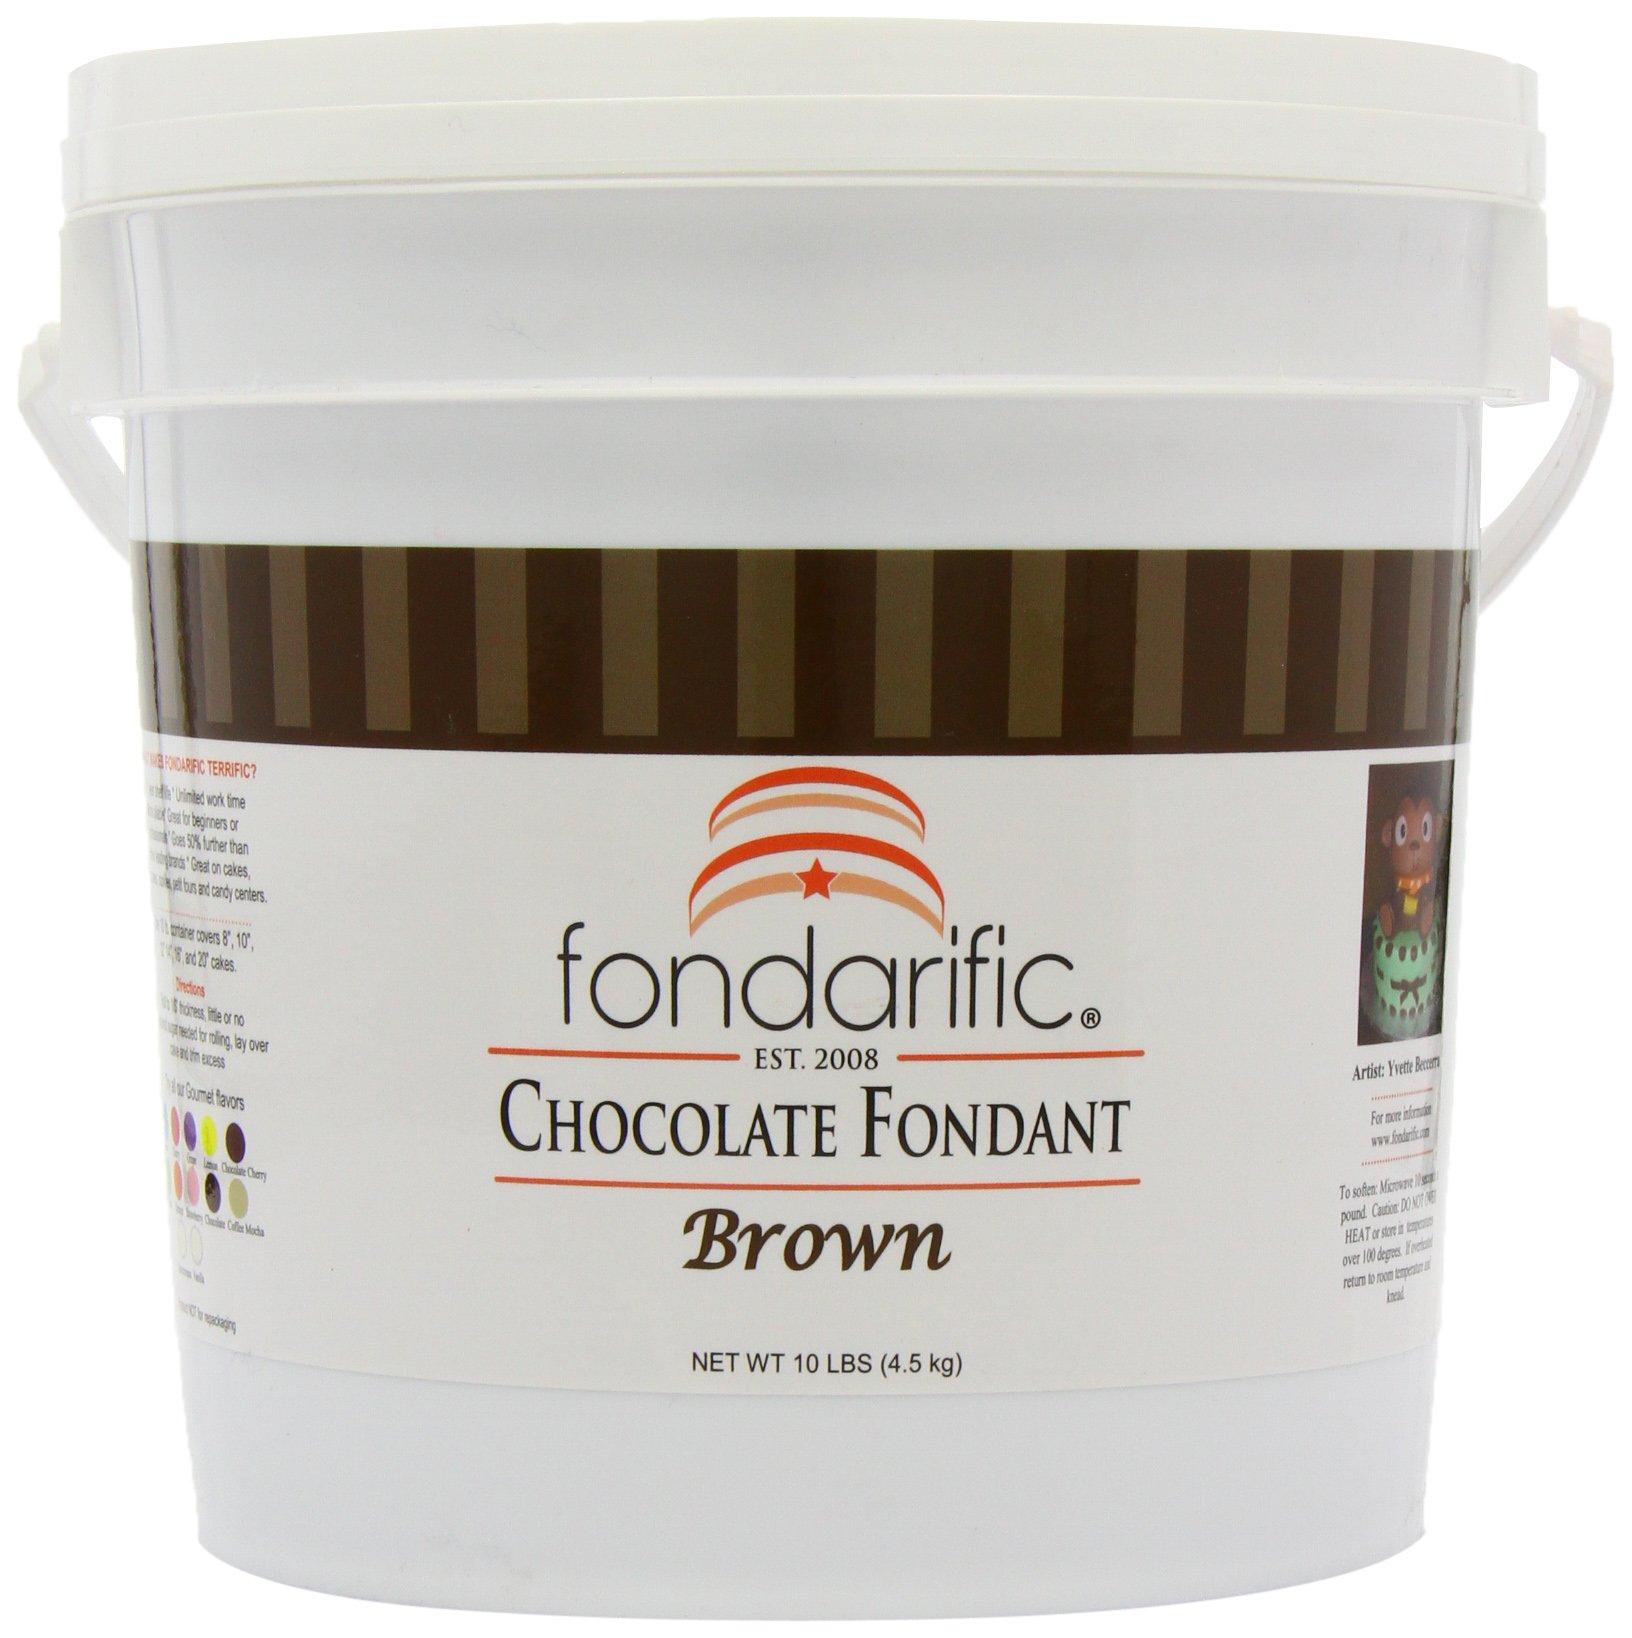 Fondarific Chocolatey Fondant, 10-Pounds